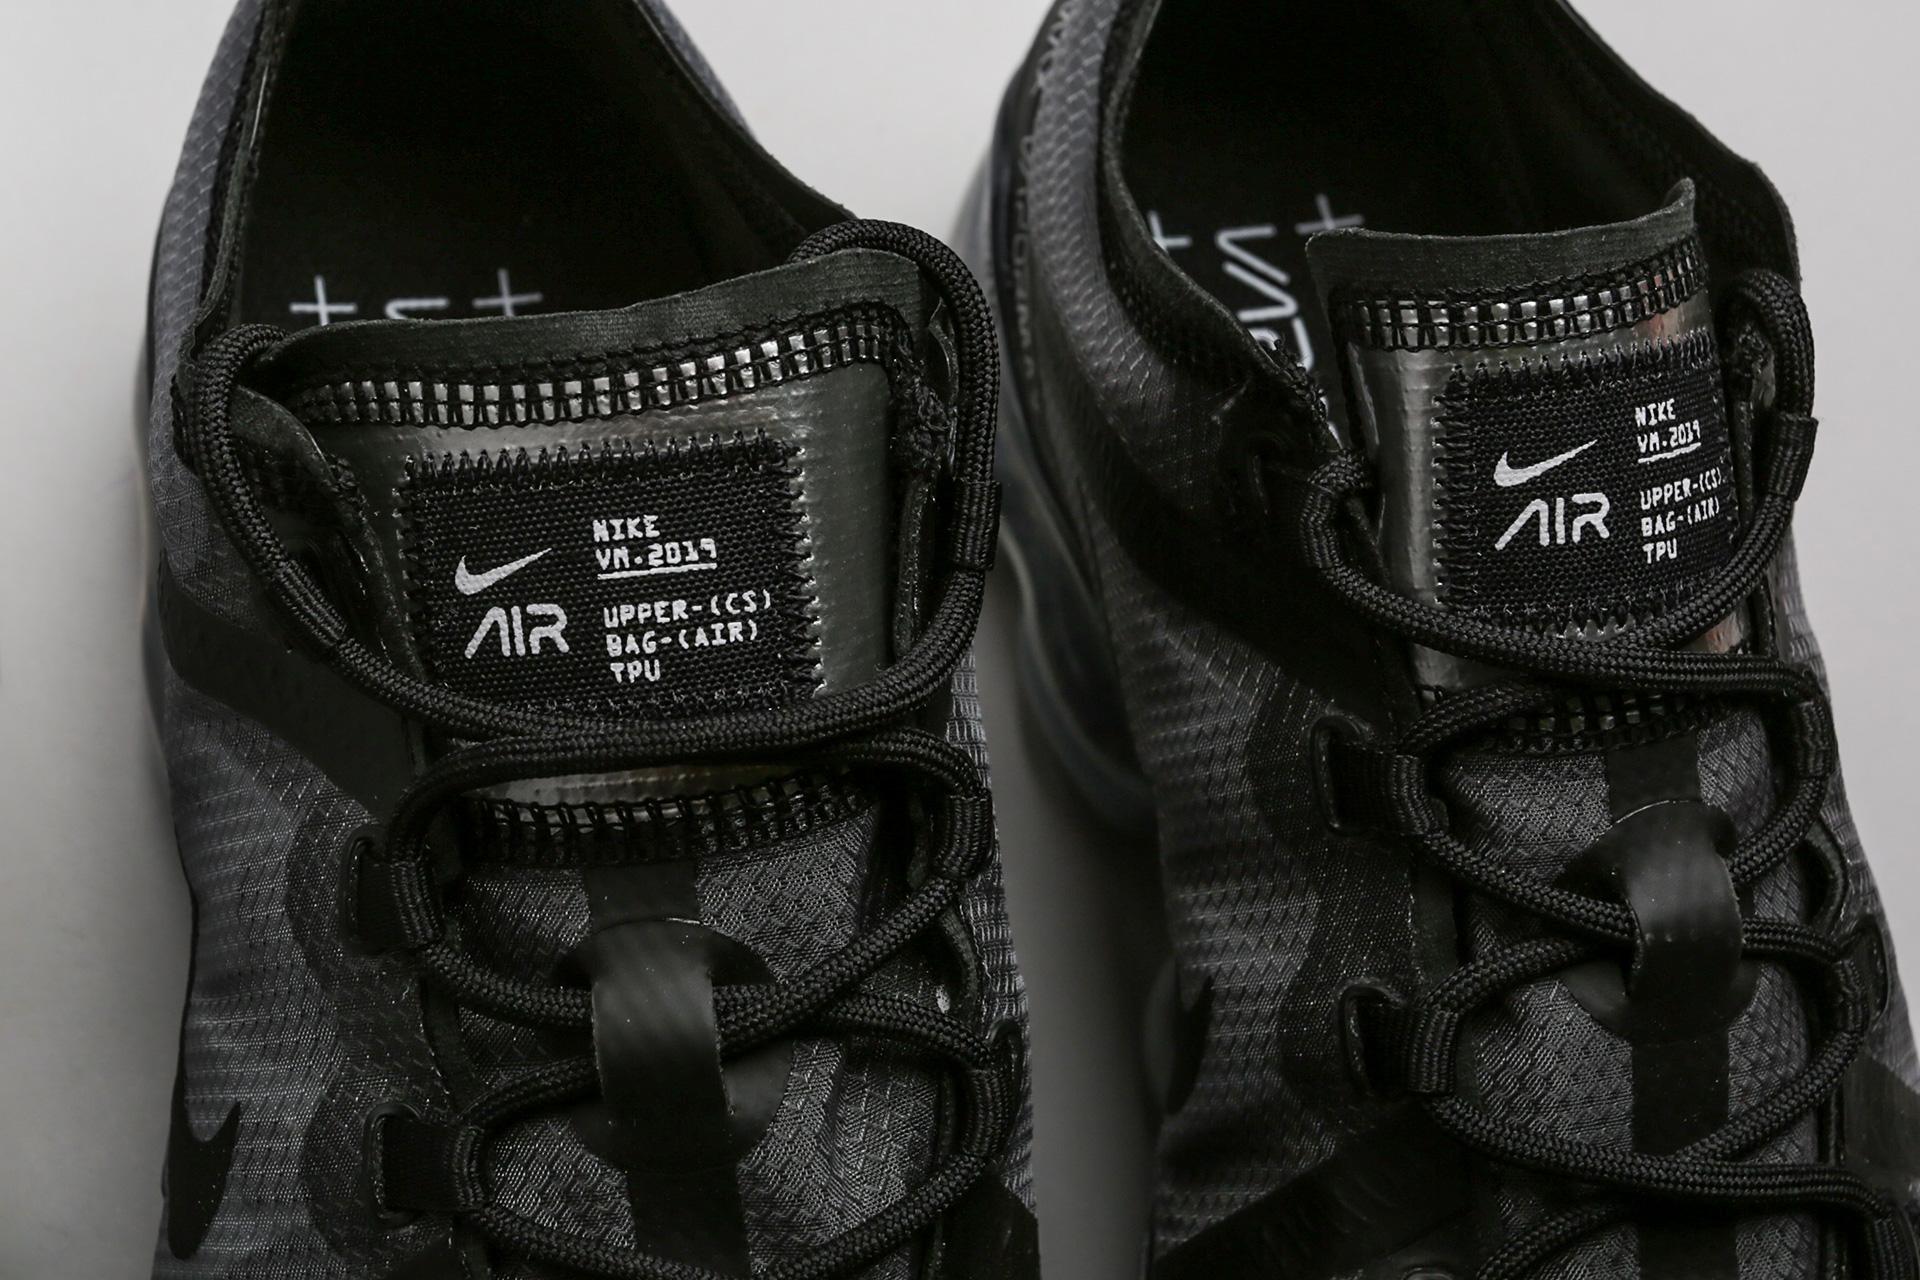 10f57a7e ... Купить мужские серые кроссовки Nike Air Vapormax 2019 - фото 3 картинки  ...